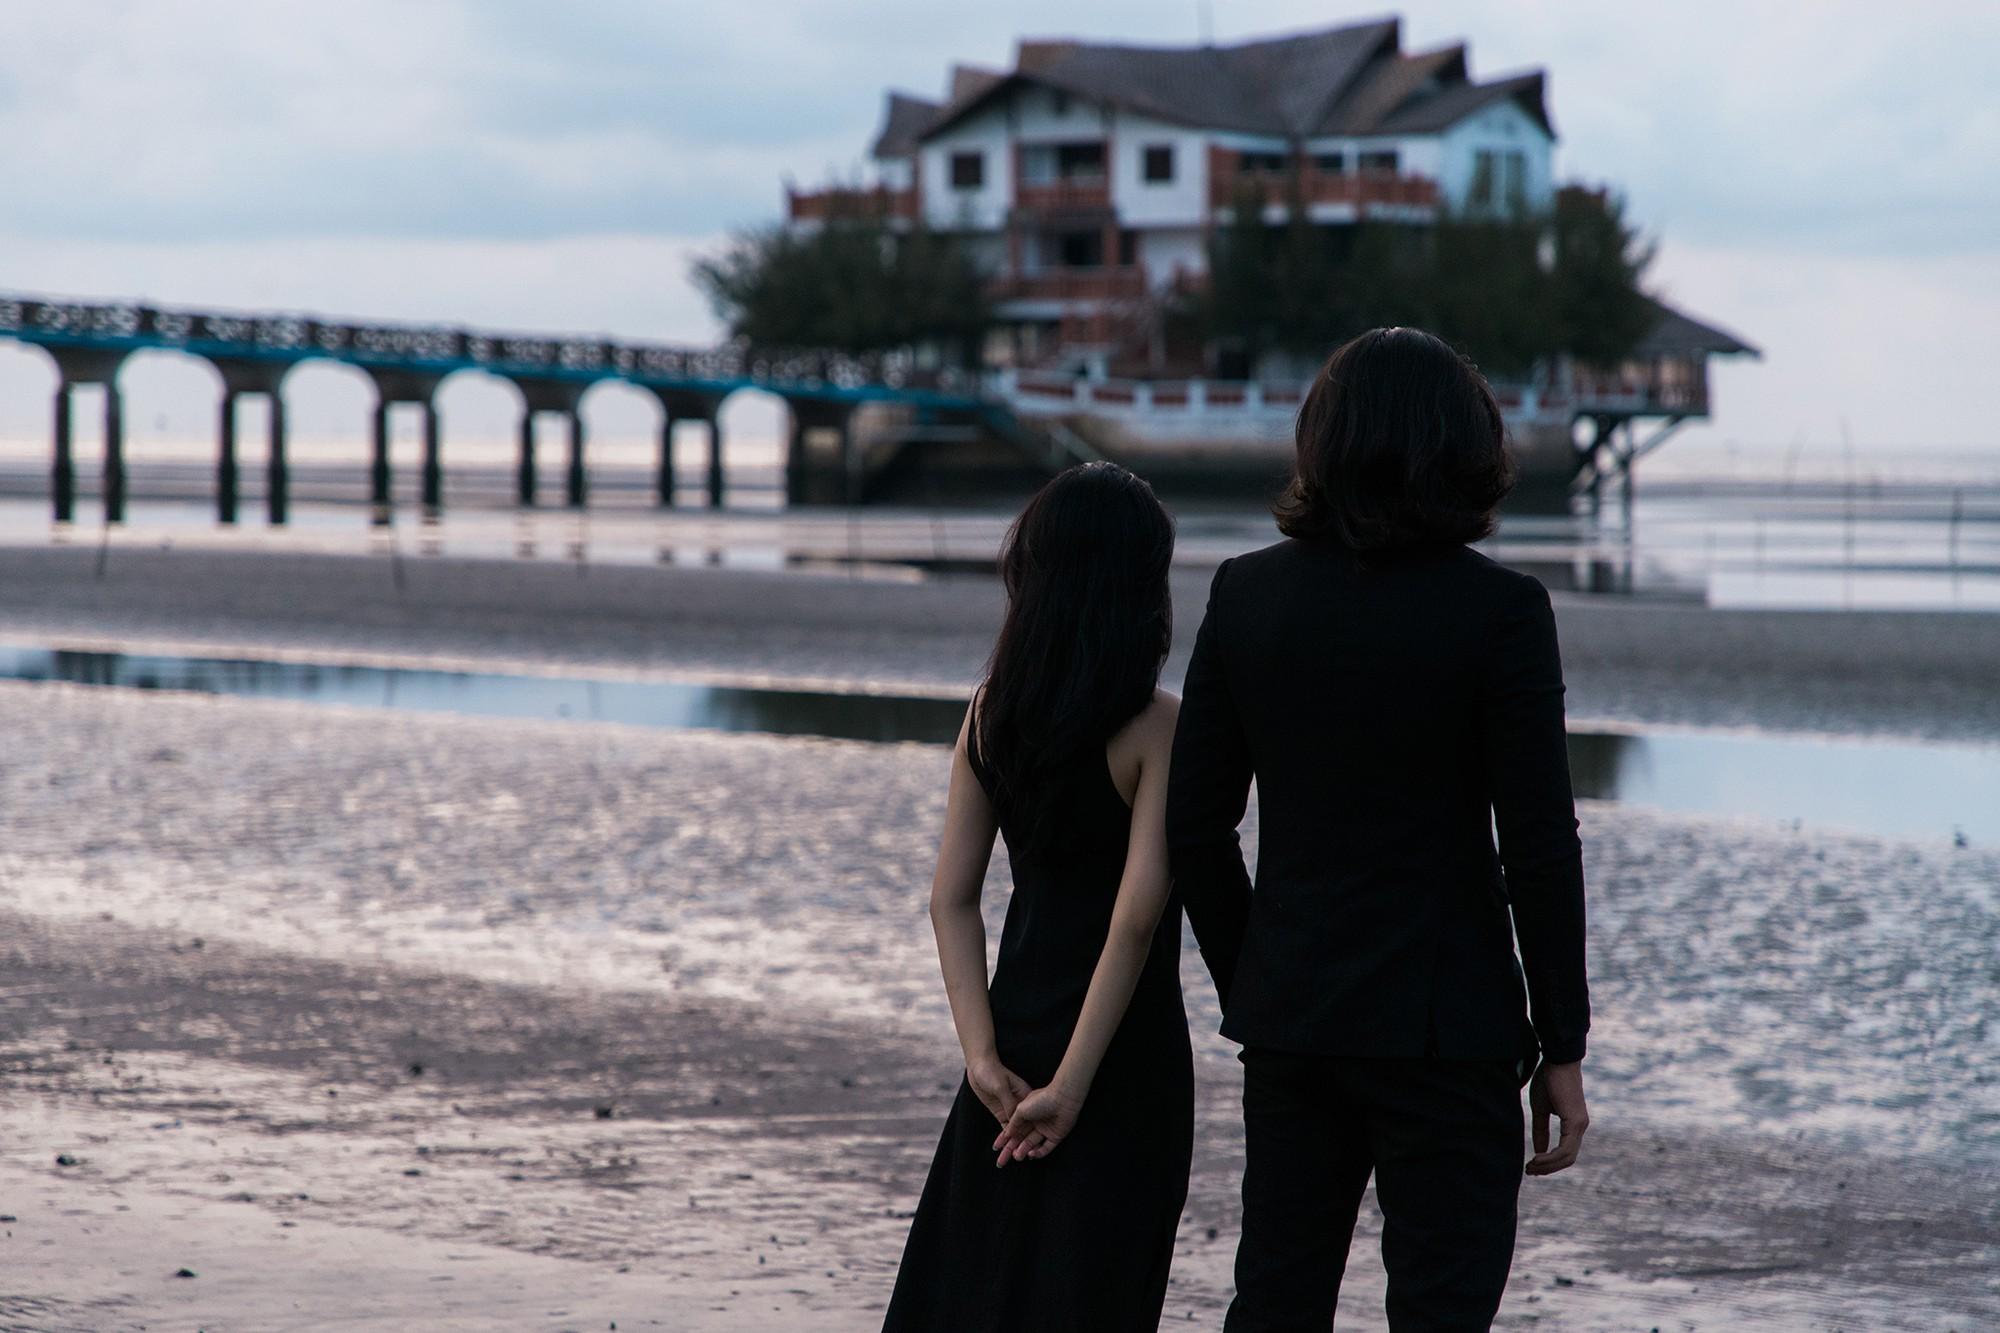 Phát hiện toạ độ chụp ảnh đẹp như ngôn tình Hàn Quốc tại biển Cần Giờ - Ảnh 6.